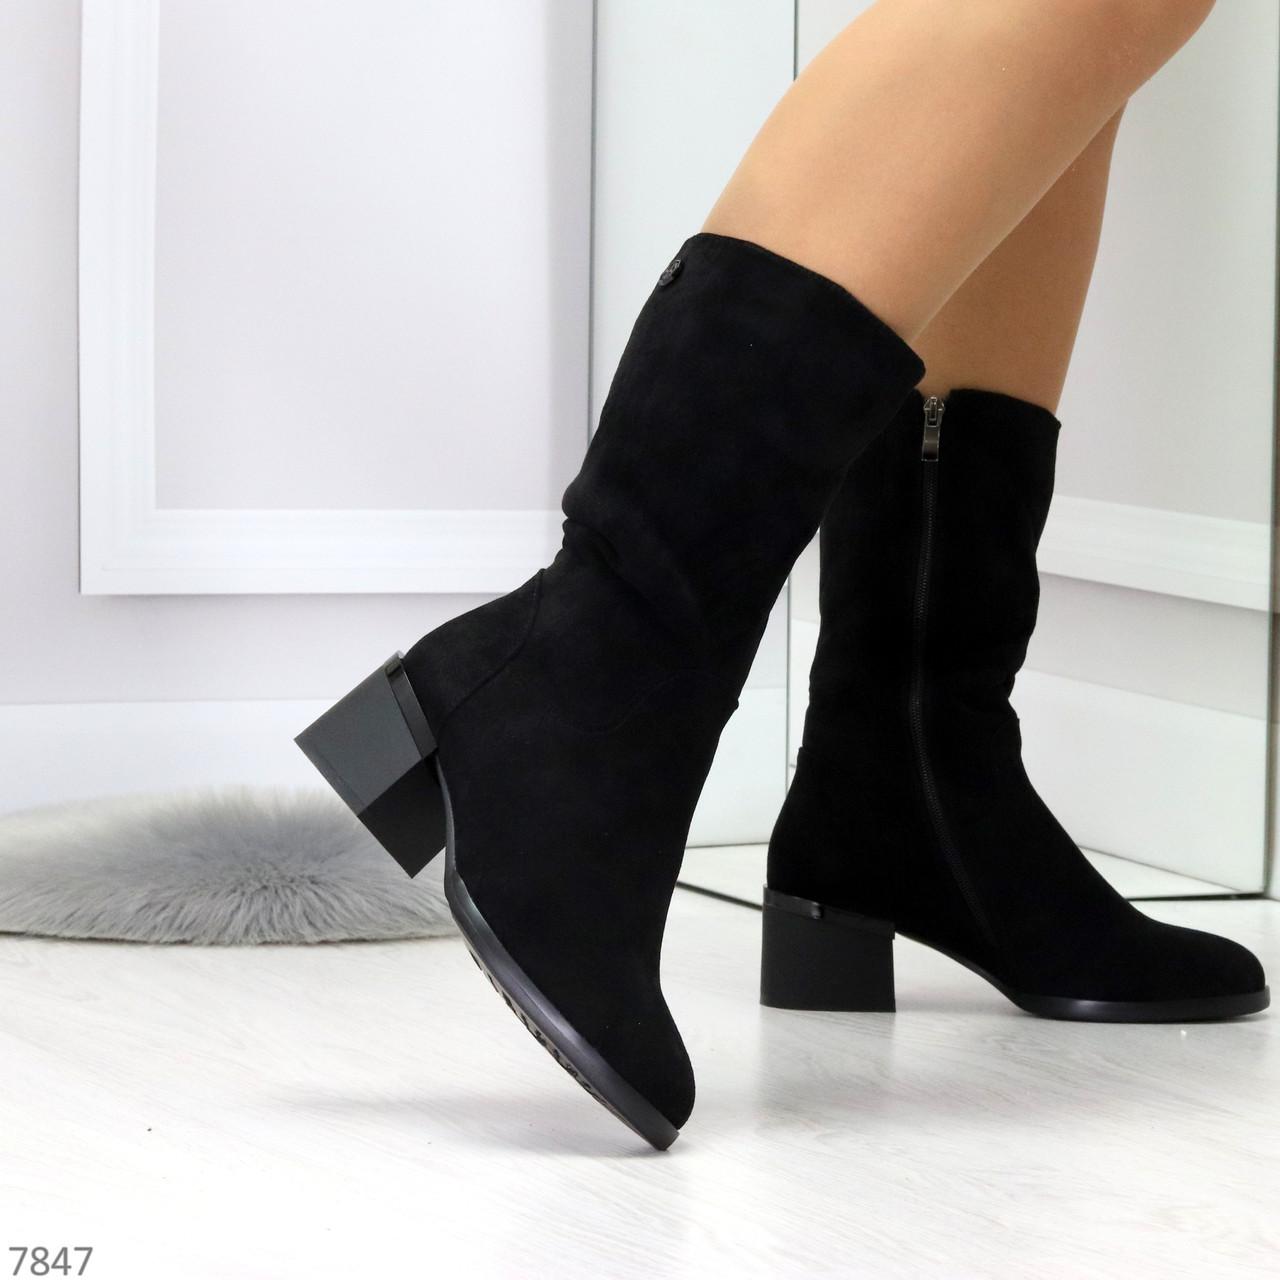 Элегантные черные замшевые женские зимние сапожки на низком каблуке